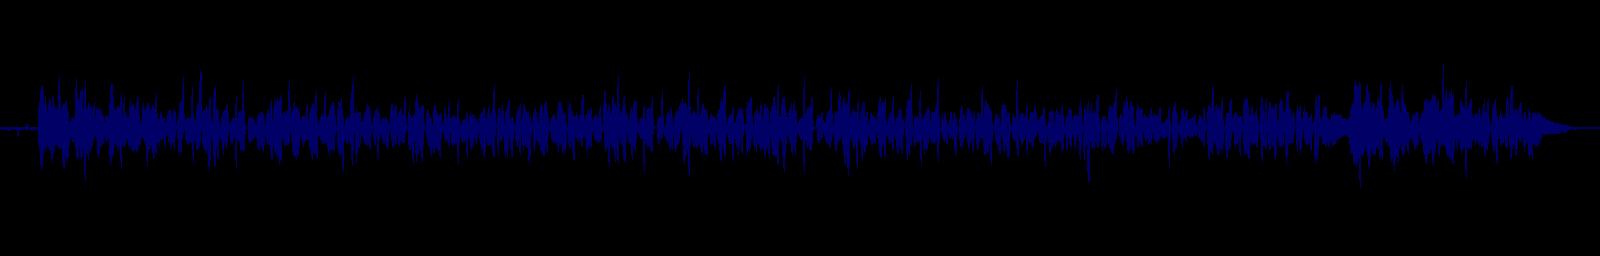 waveform of track #154294